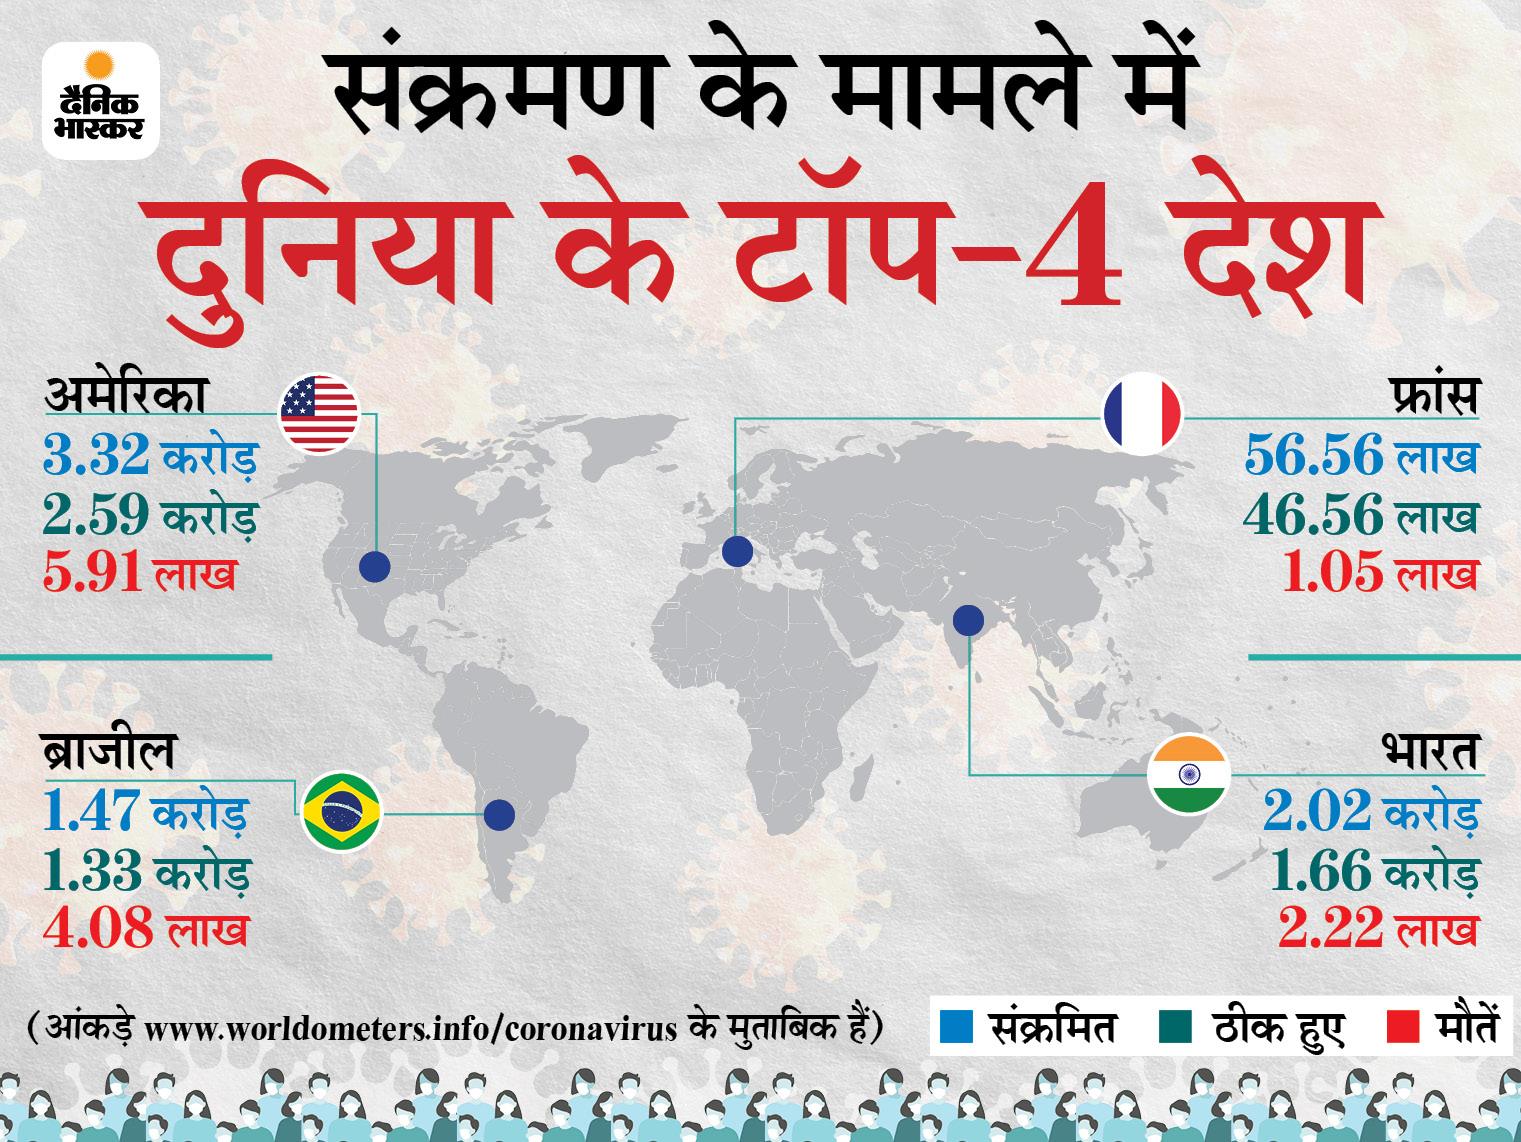 बीते दिन 6.68 लाख केस, 10,437 की मौत हुई; अमेरिका में 12 से 15 साल के बच्चों के वैक्सीनेशन की तैयारी|विदेश,International - Dainik Bhaskar